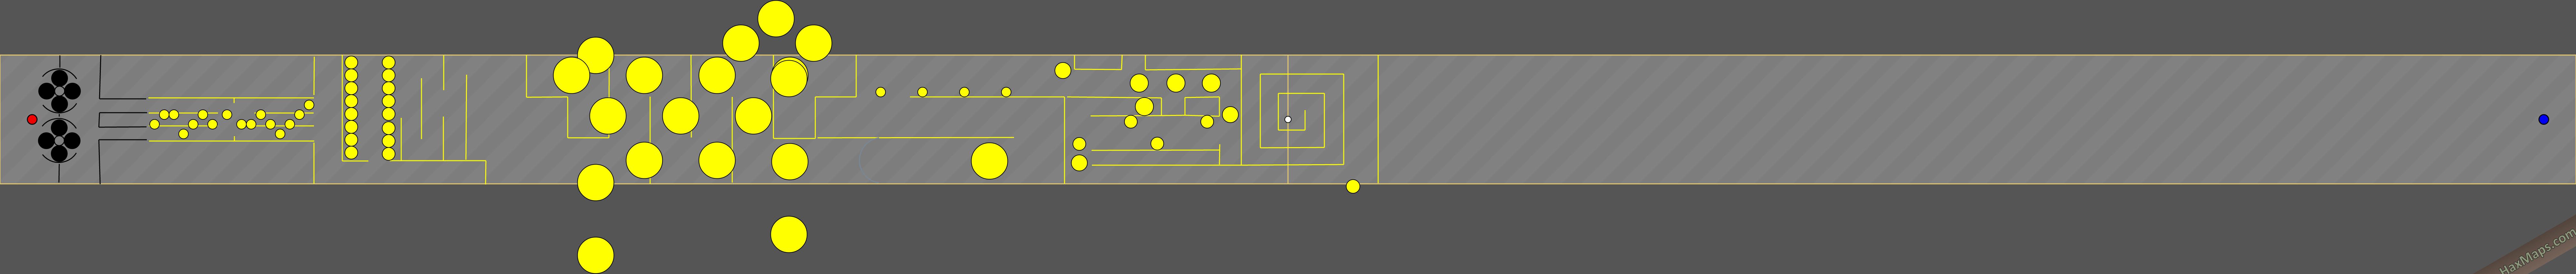 hax ball maps | CentekBall